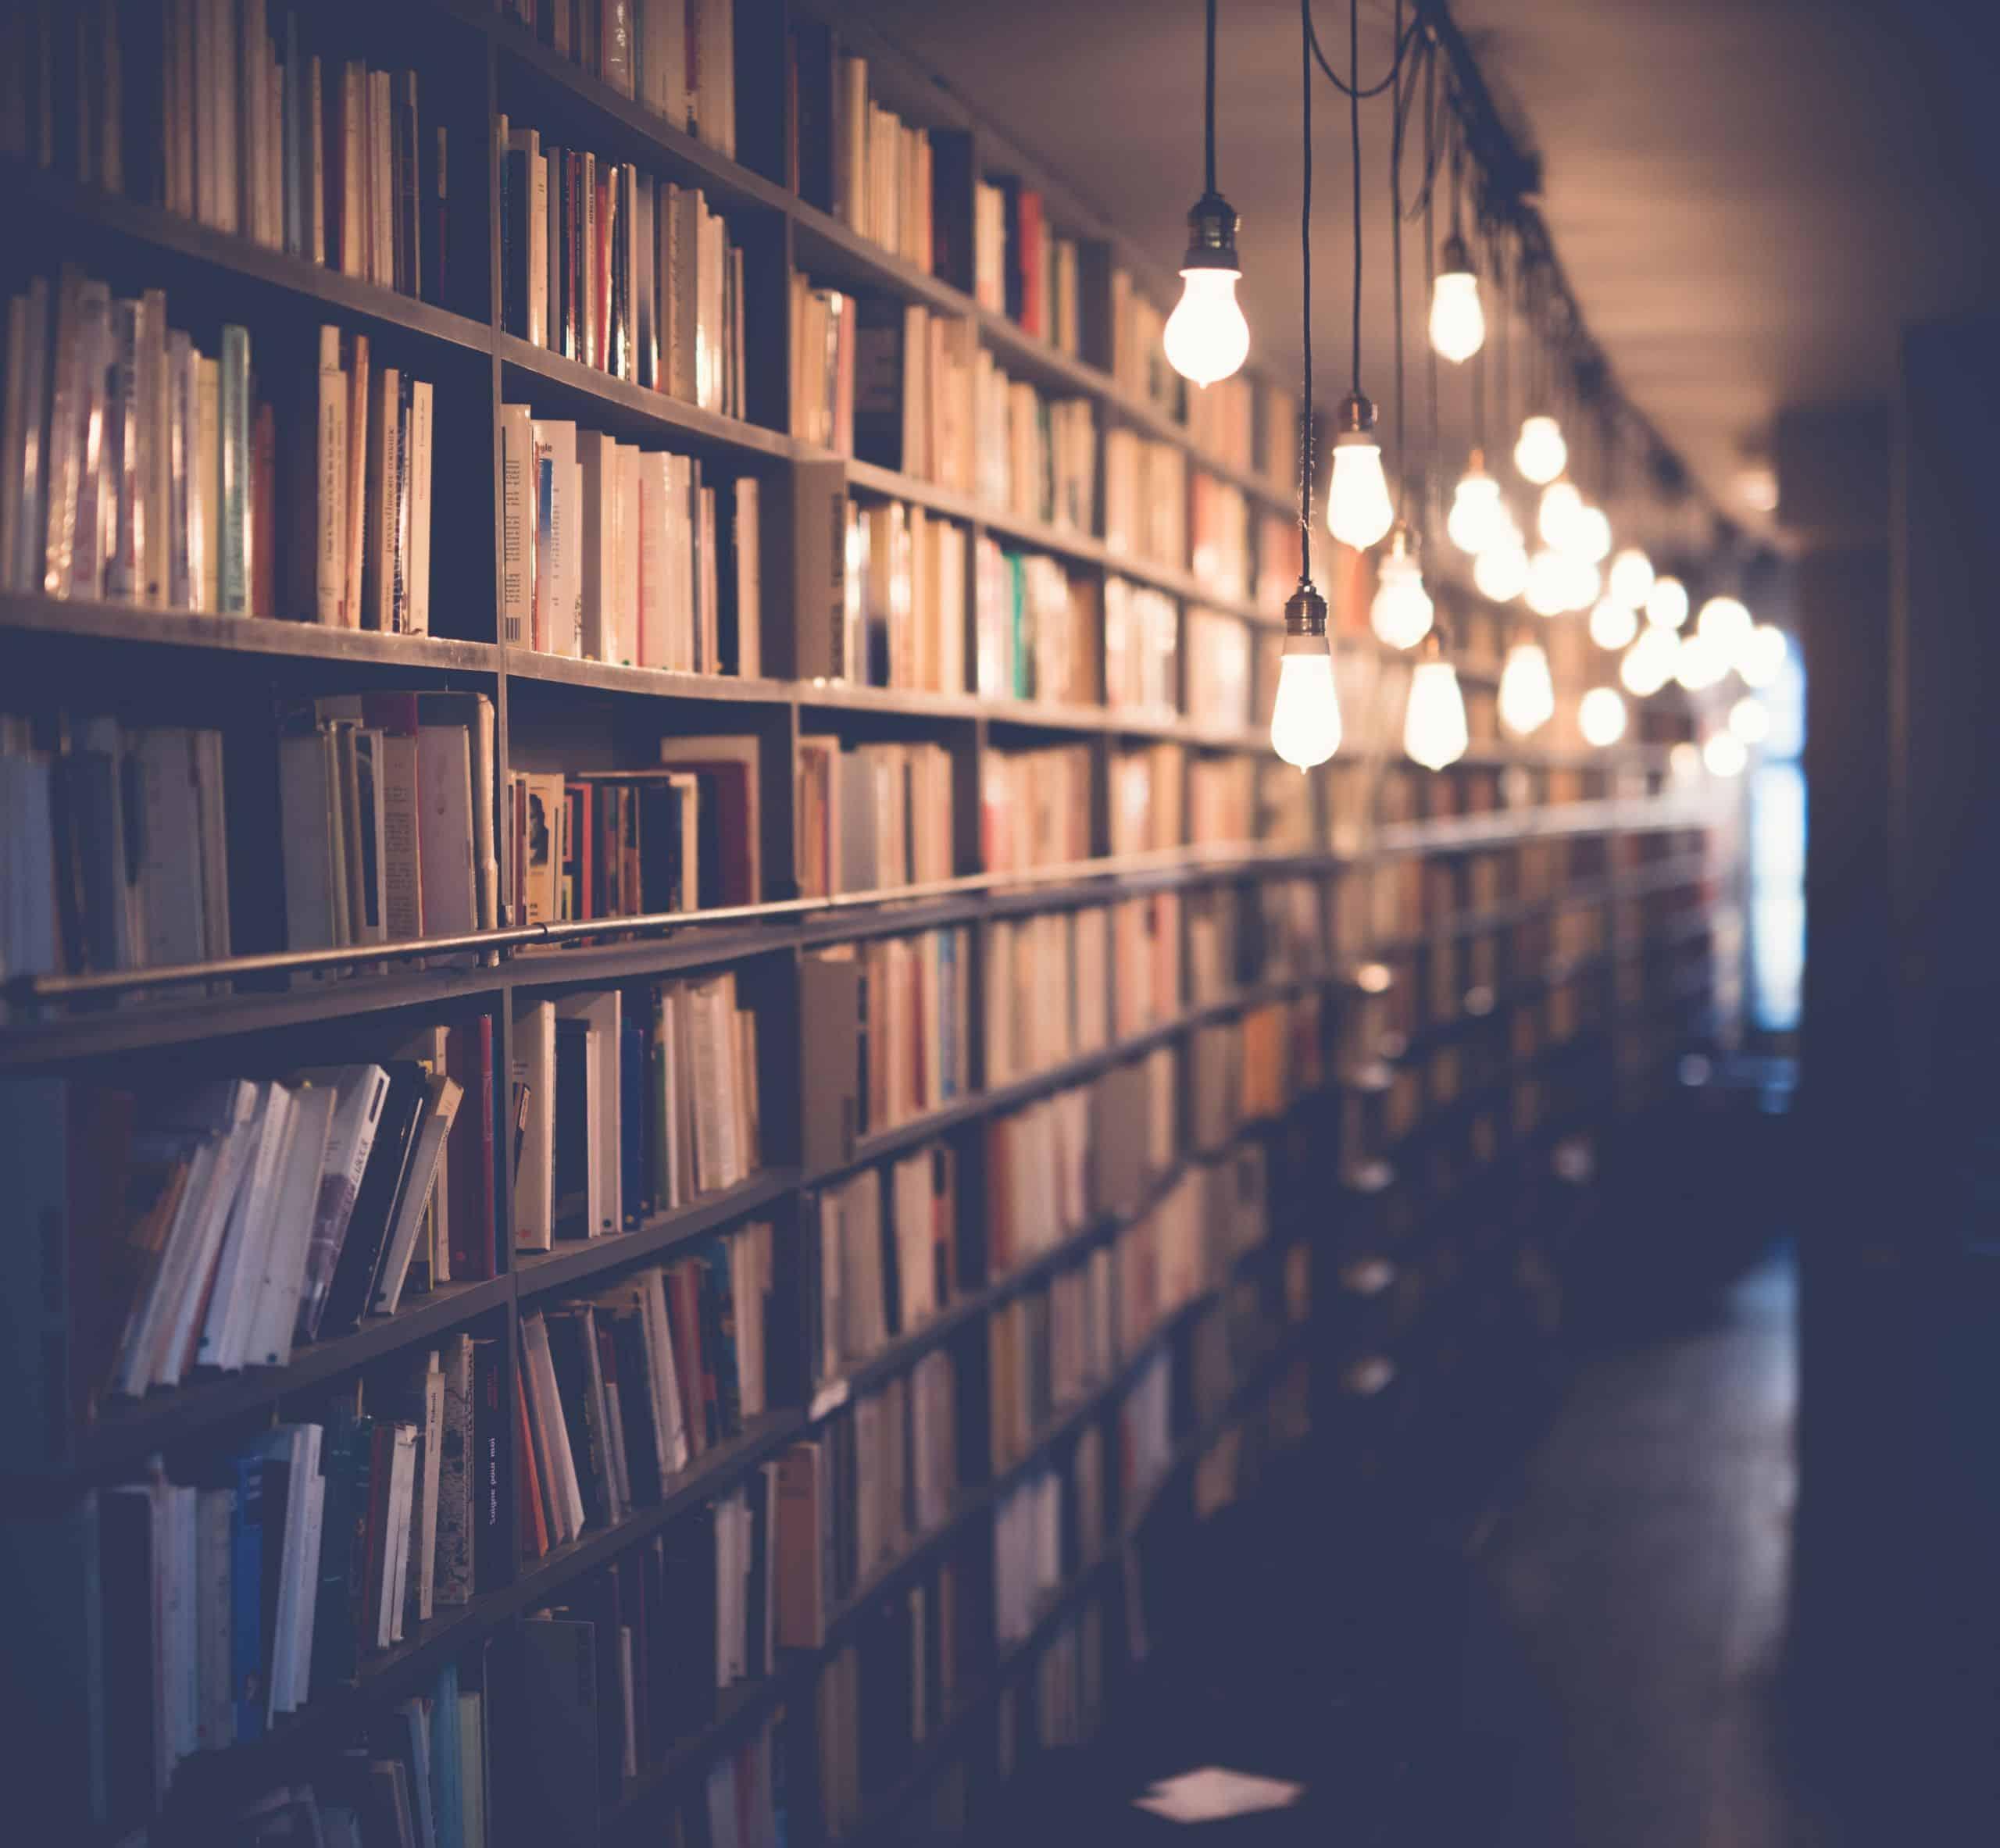 Long, tall bookshelves full of books